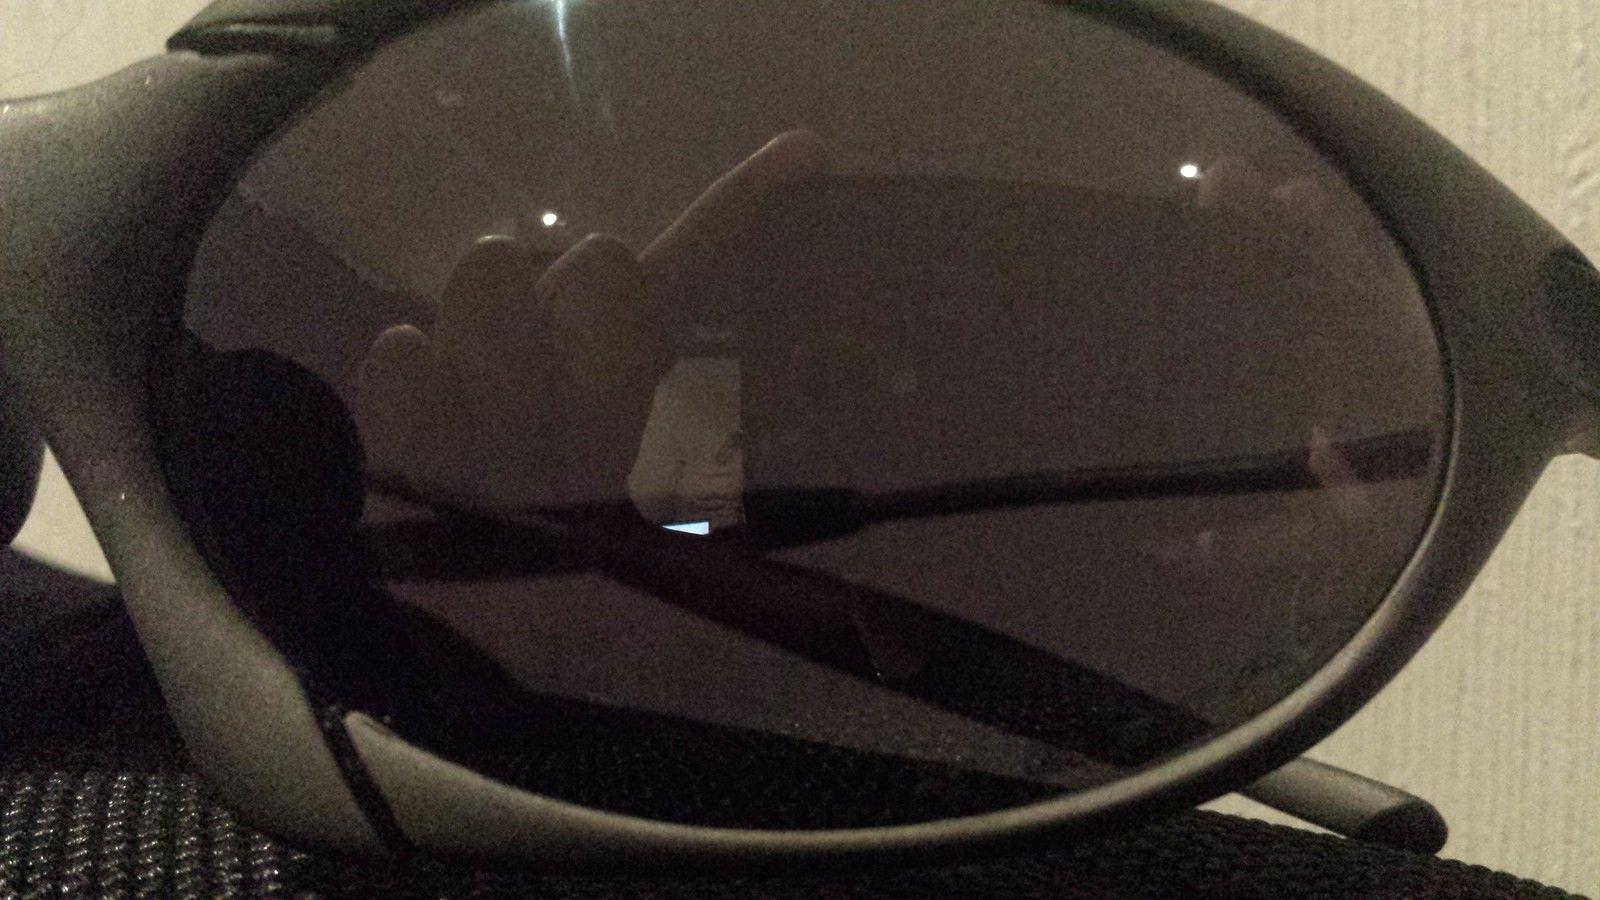 Romeo X-Metal Black Iridium - 13056686853_9f73b51a45_k.jpg